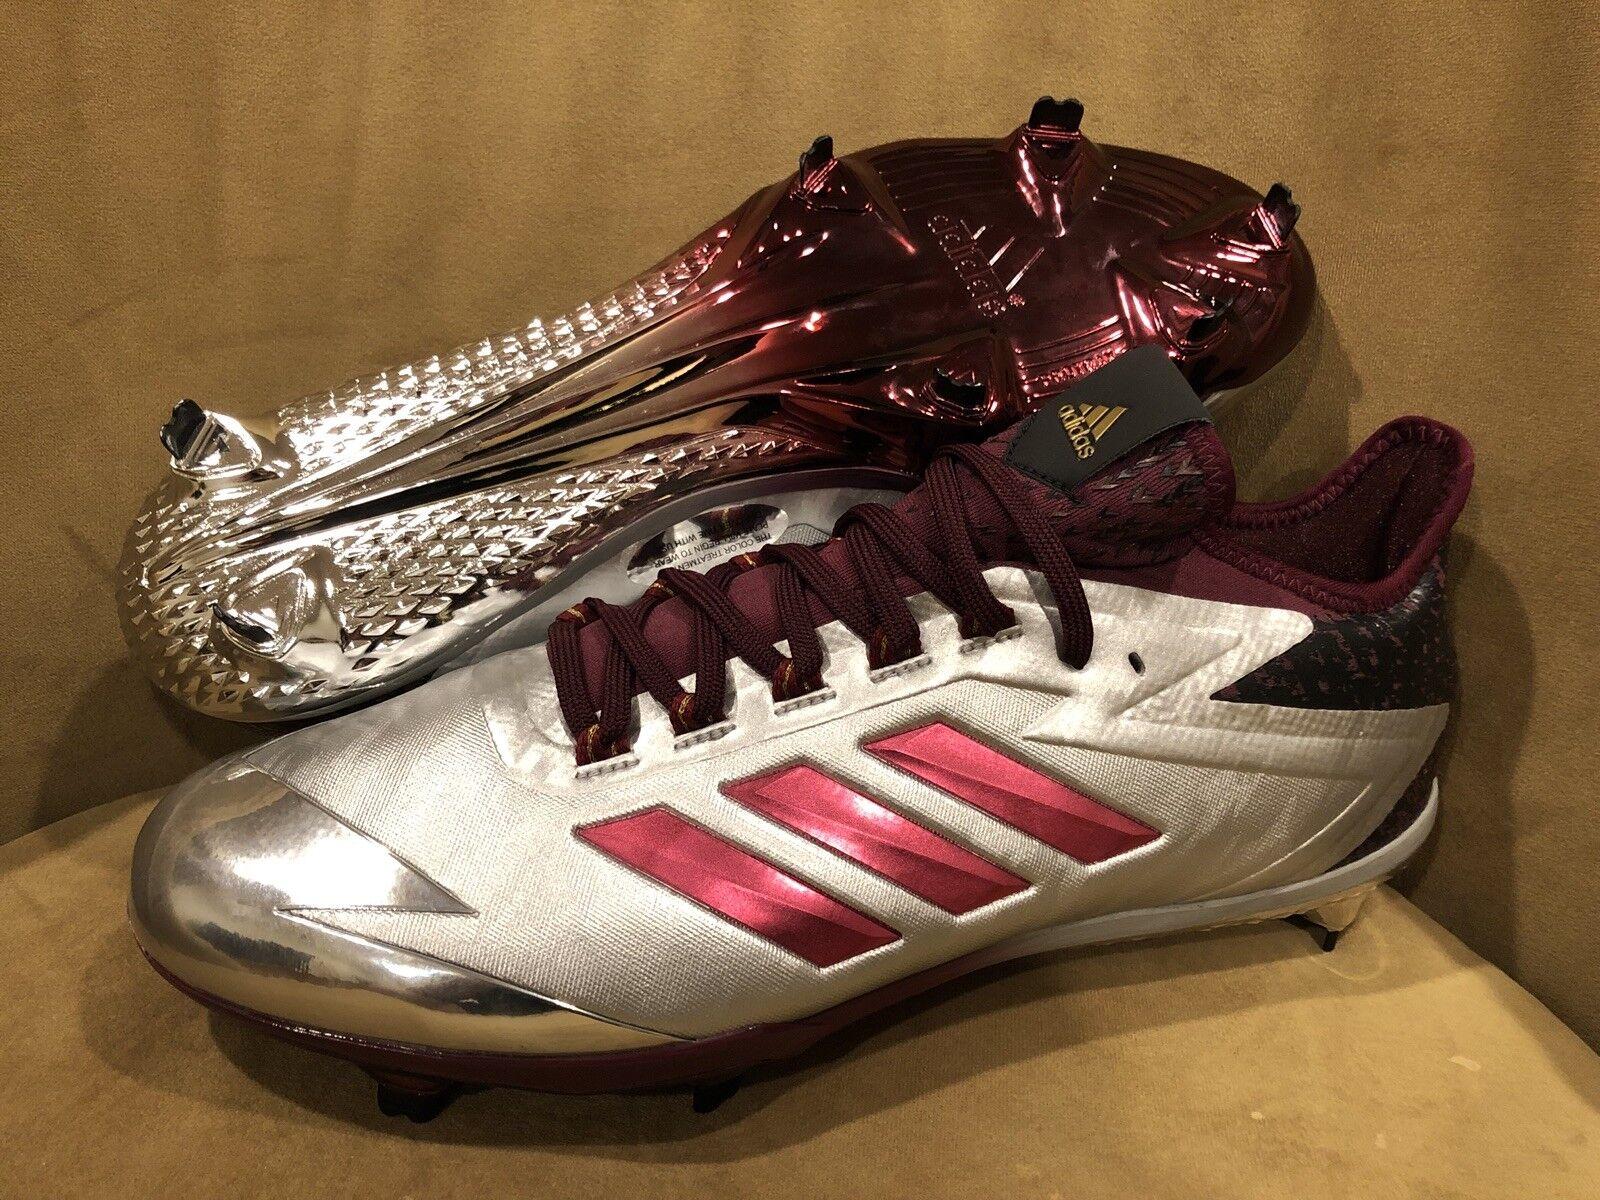 Adidas adizero postbruciatore 4 sono scarpe da baseball 11,5 silver / bordeaux, dimensioni 11,5 baseball edbc13